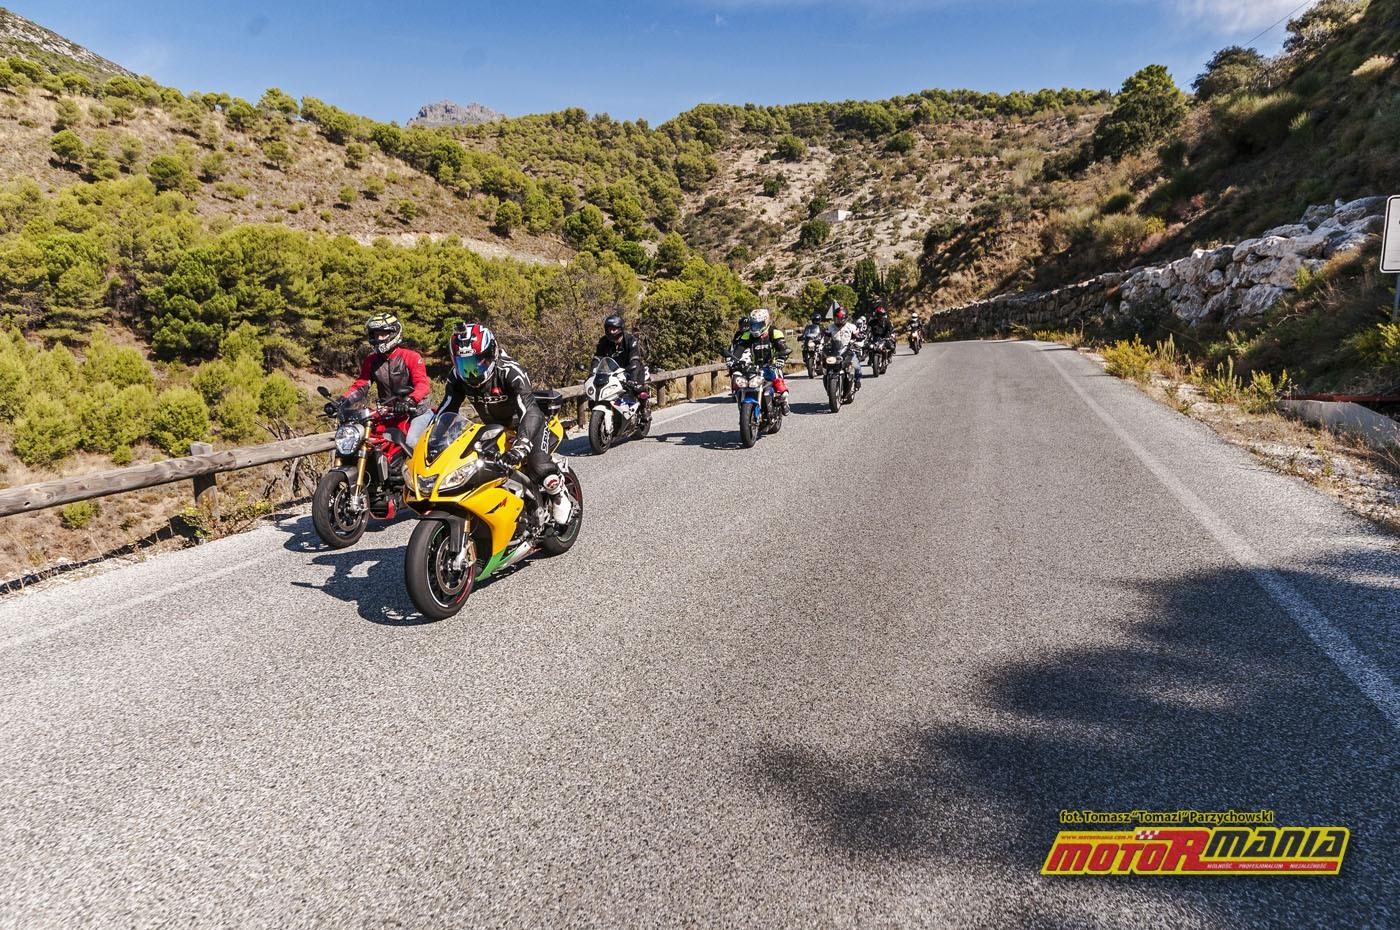 Hiszpania Malaga Marbella Ronda z MotoRmania w sezonie 2017 - zapraszamy (18)